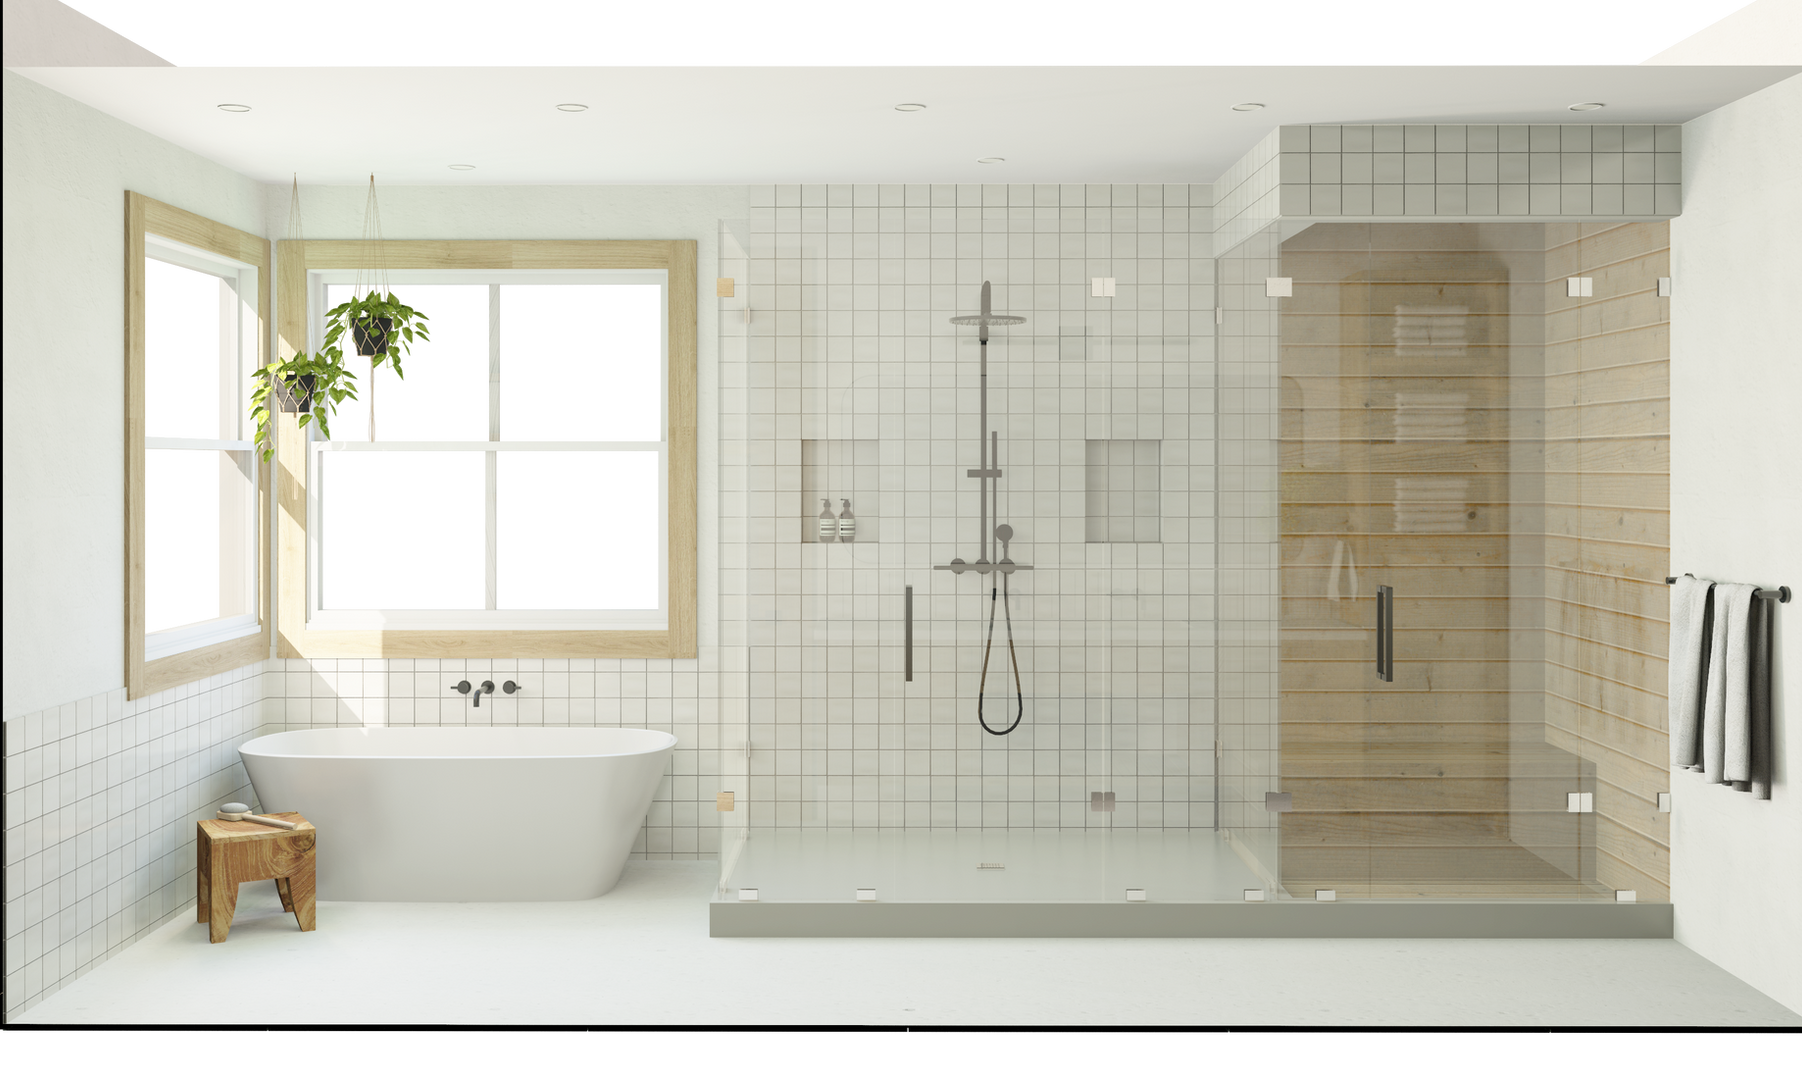 Koopmans_Master Bath Render2.png